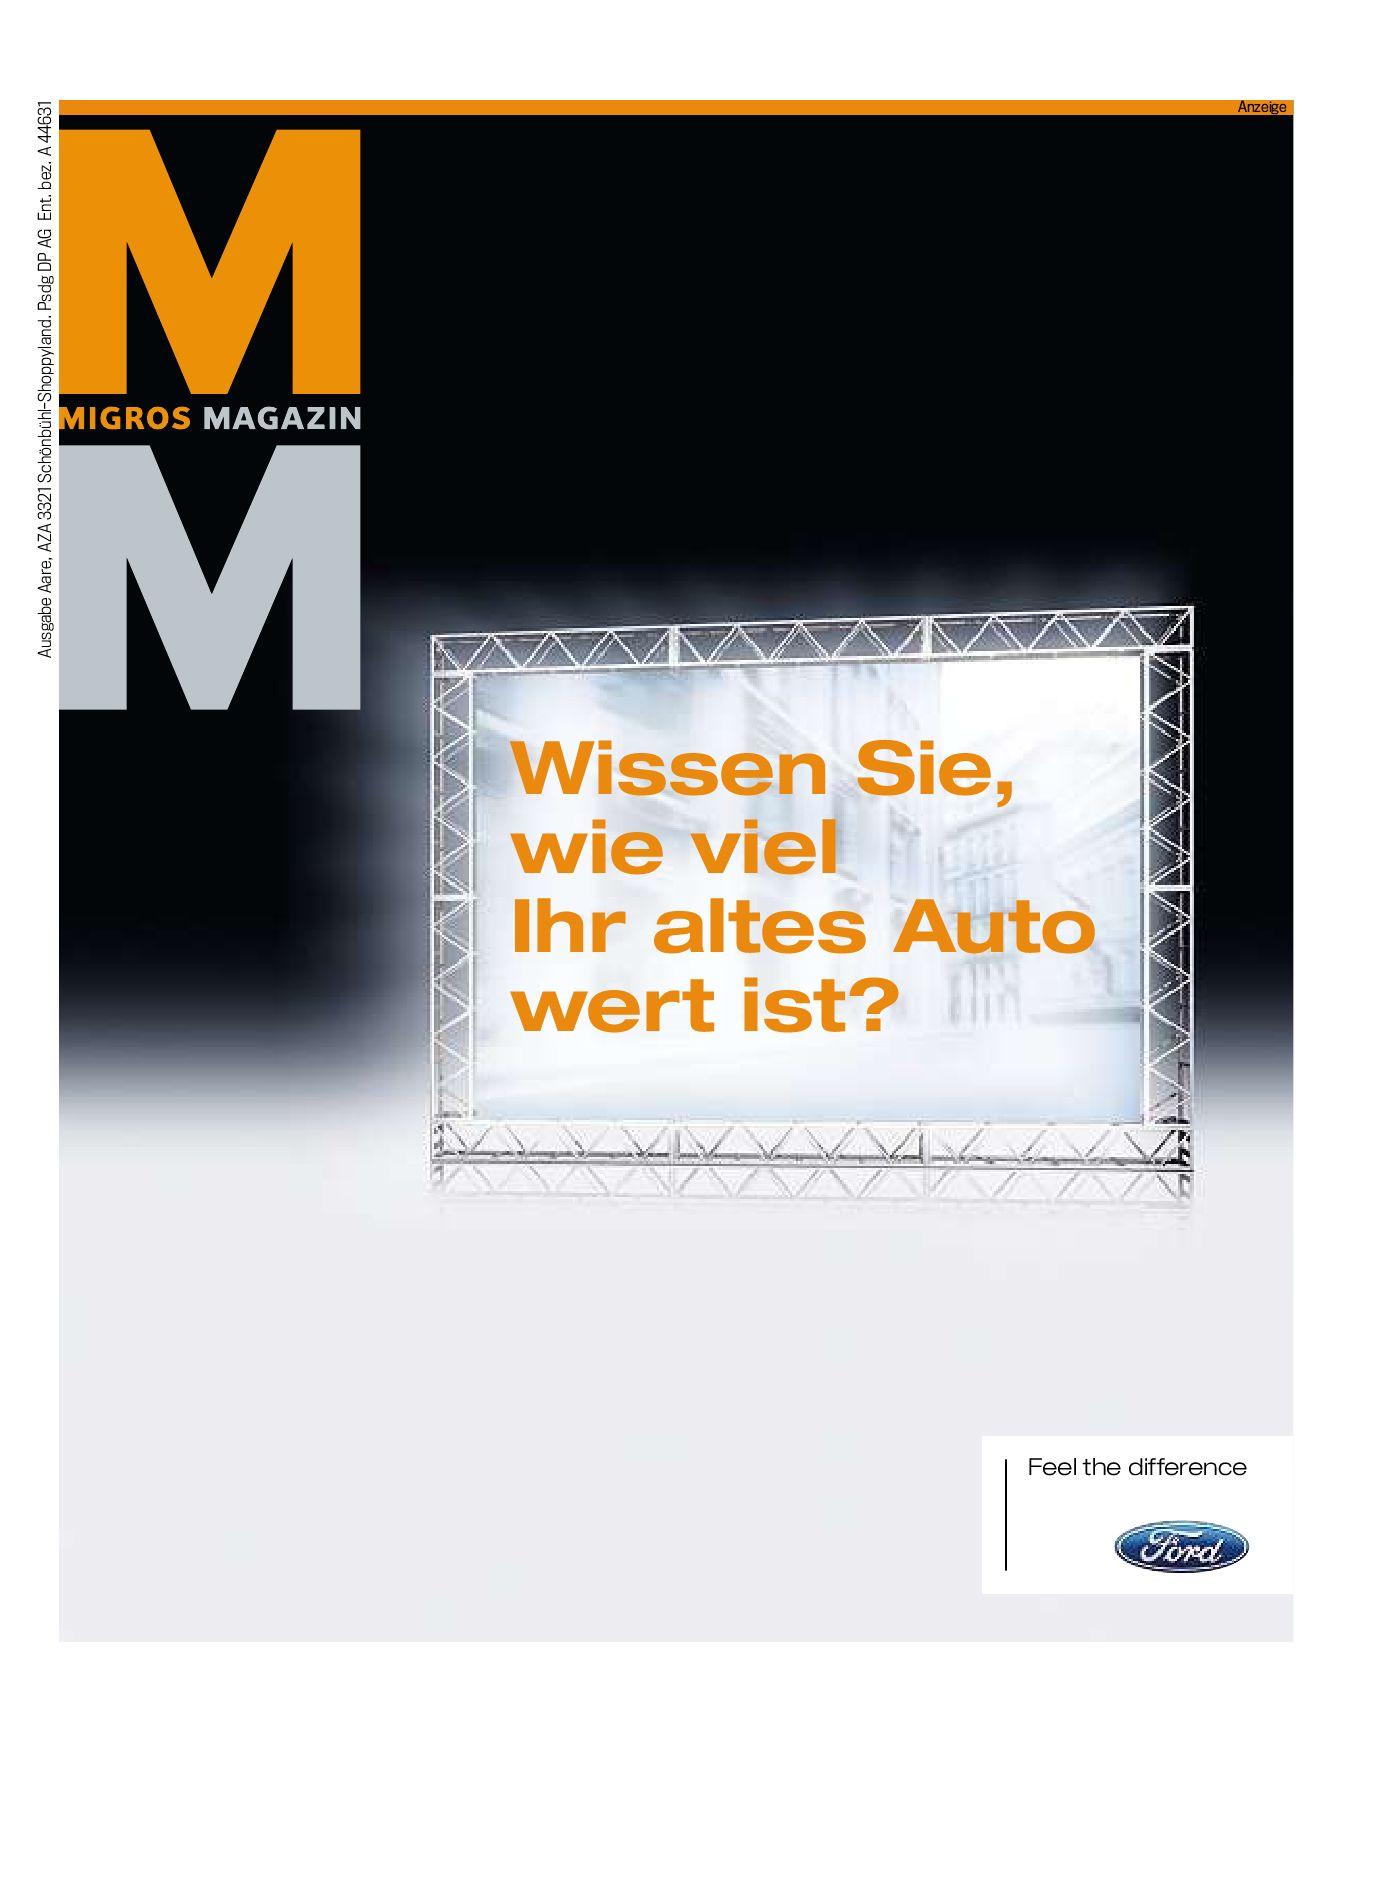 Migros Magazin 42 2009 d VS by Migros Genossenschafts Bund issuu